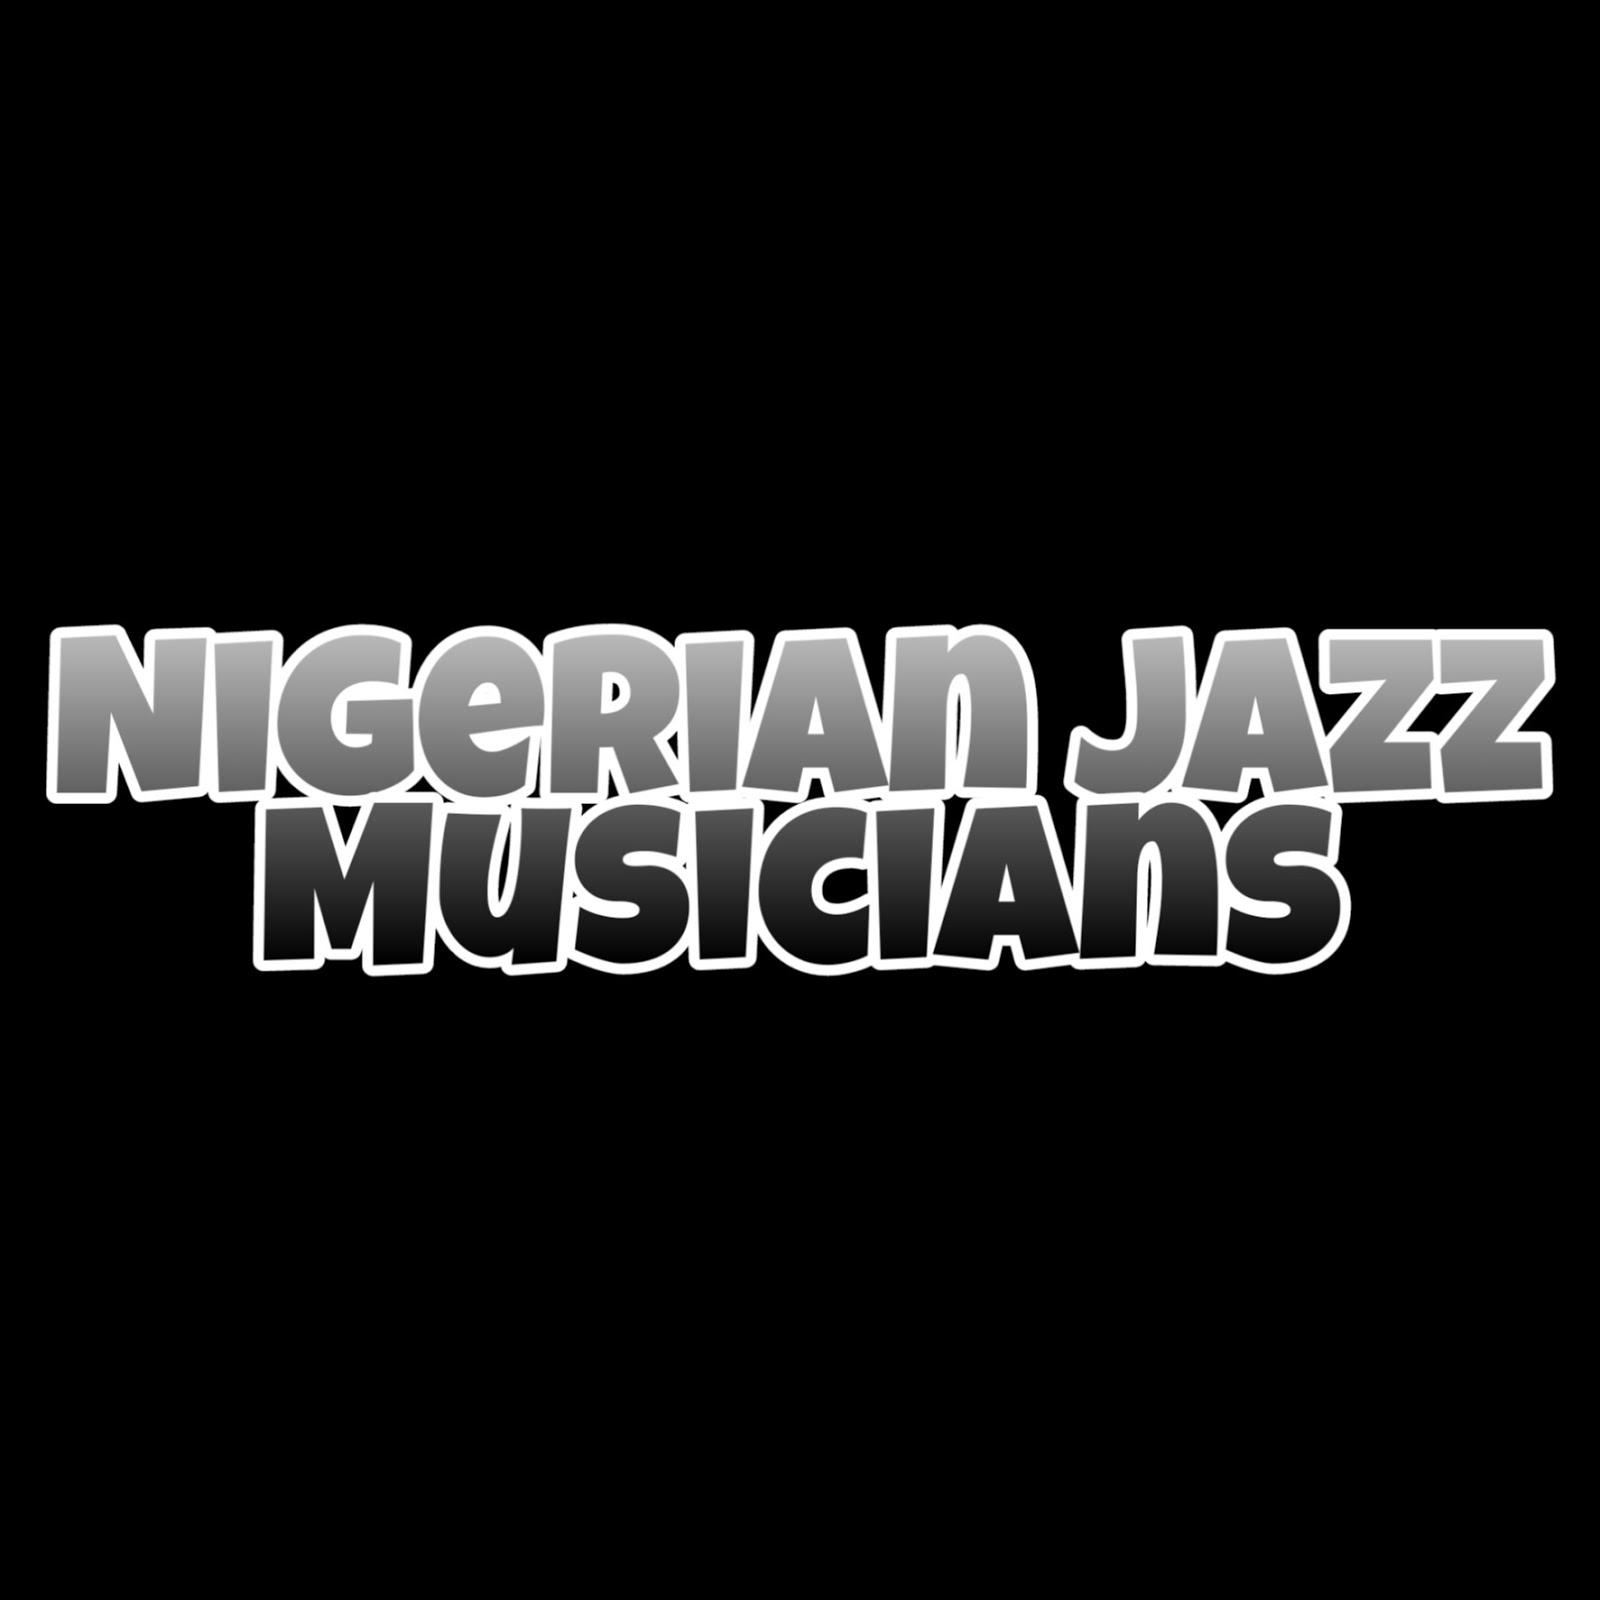 Nigerian Jazz Musicians